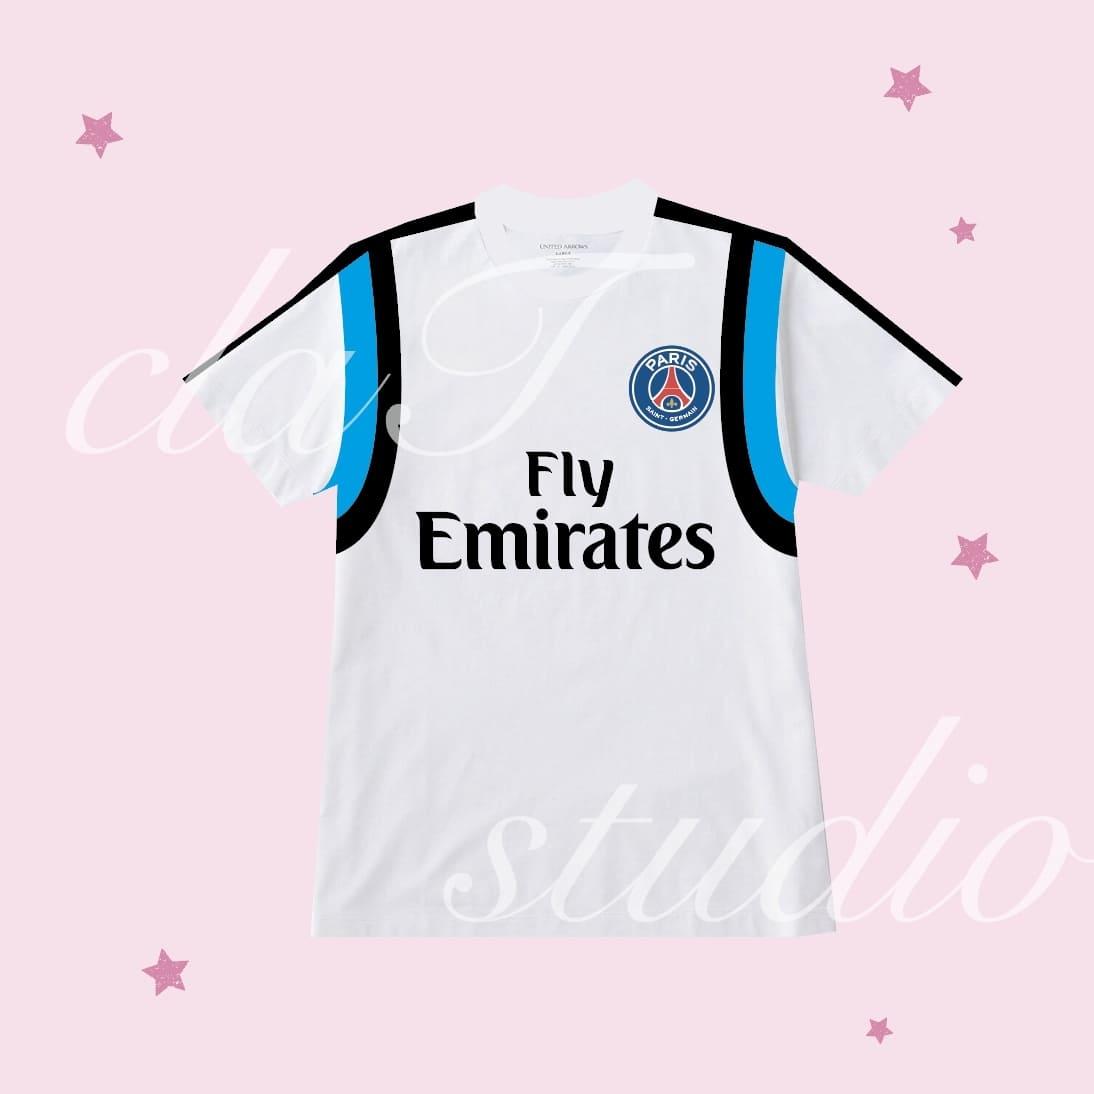 青のサッカーユニフォームクラスtシャツ_image_0001